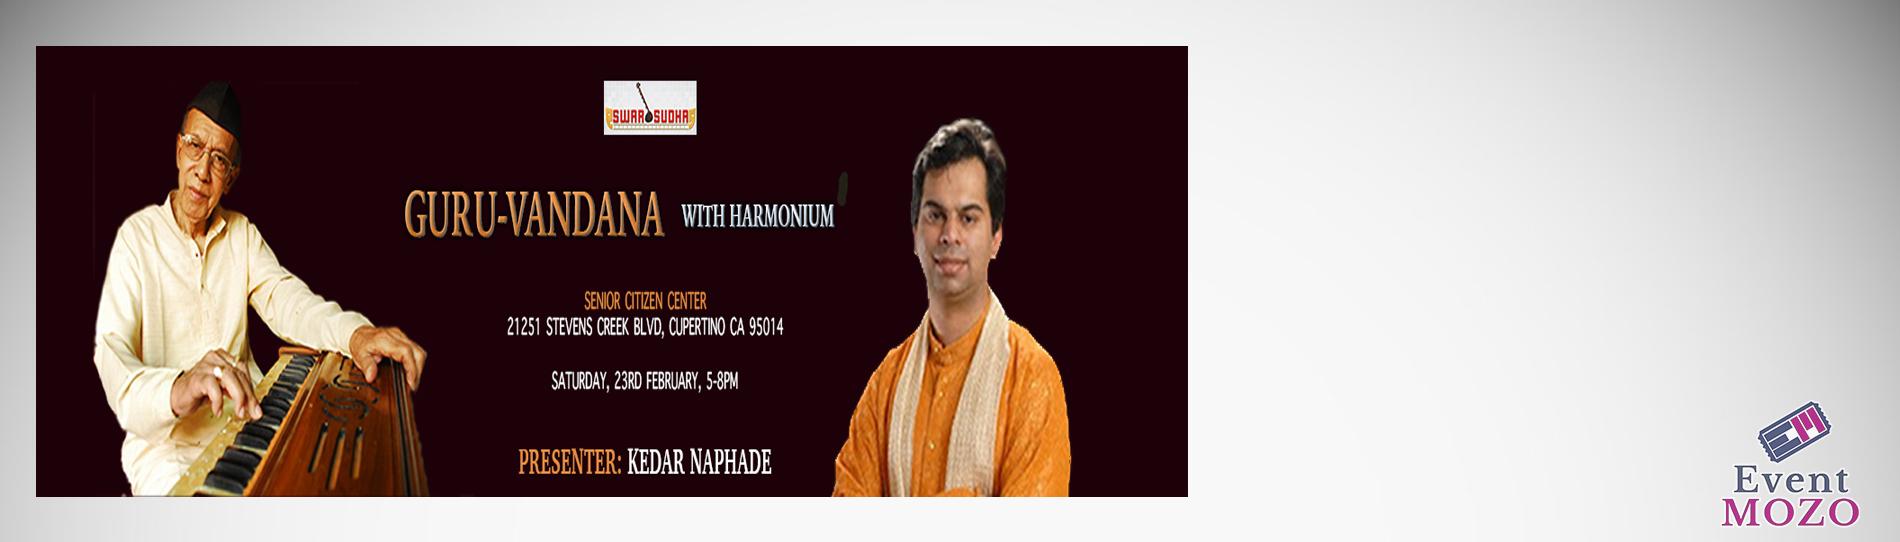 EventMozo Guru-Vandana with Harmonium